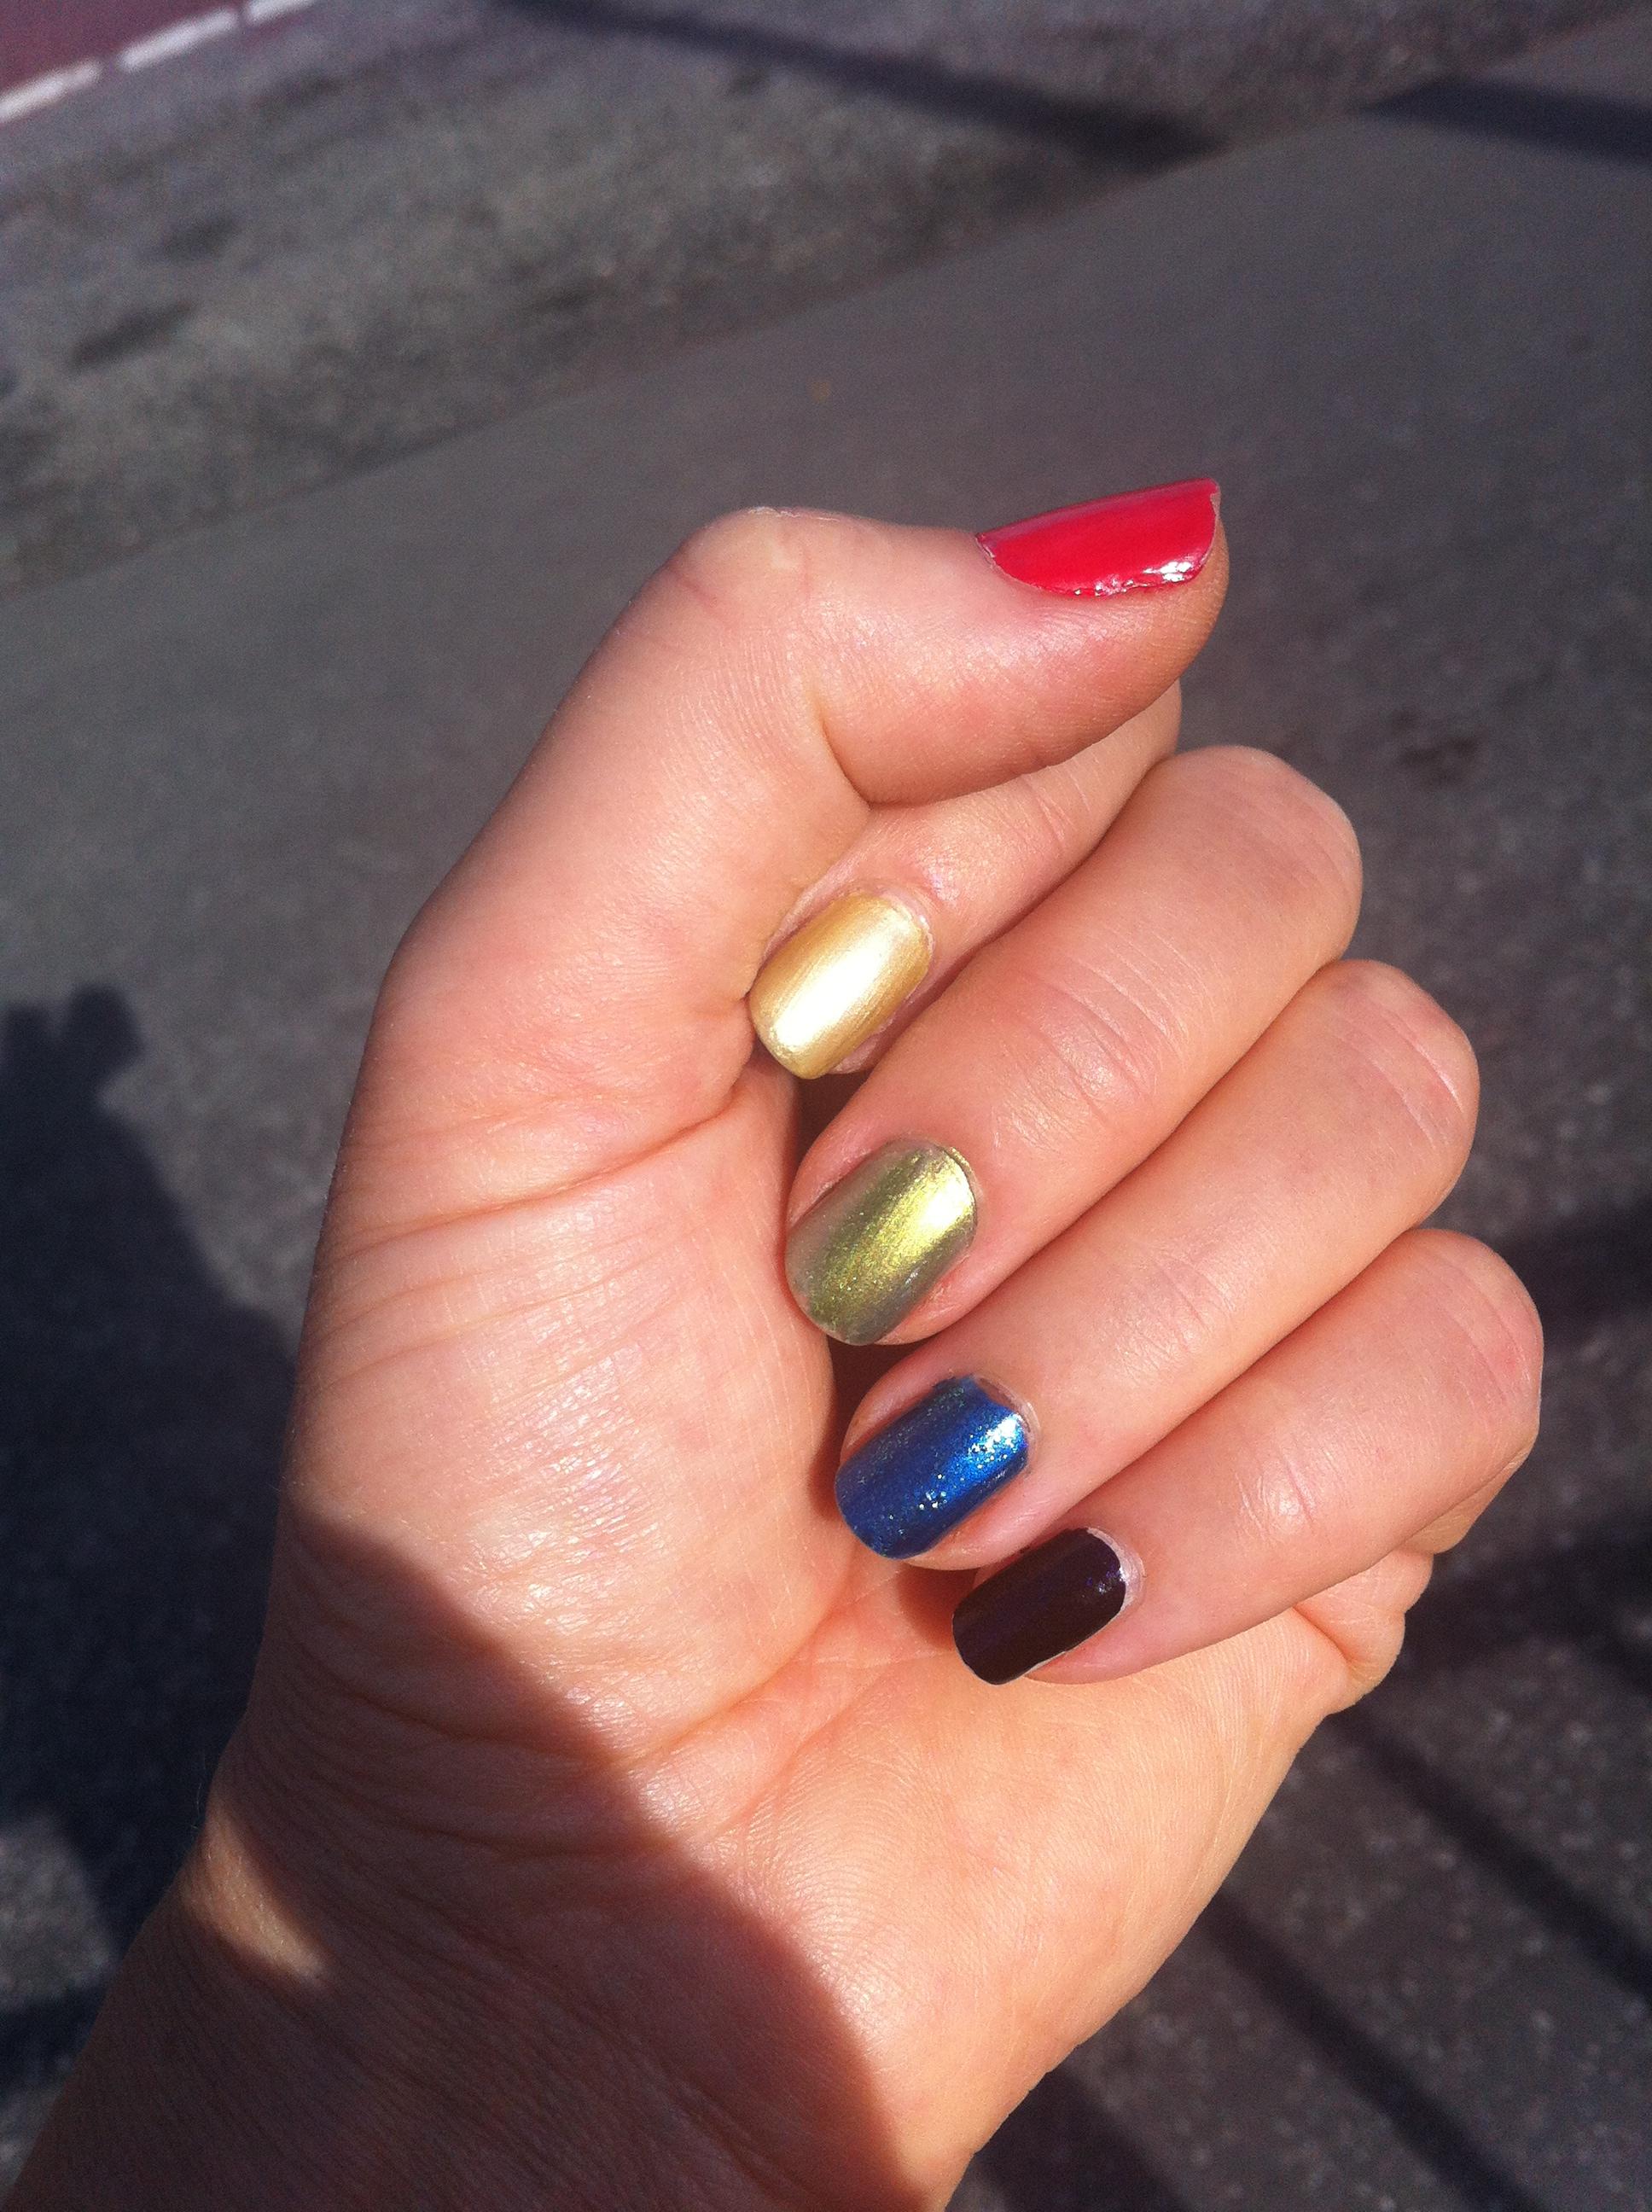 För att visa vårt stöd för Emma Green Tregaro så har jag målat naglarna i regnbågens färger.